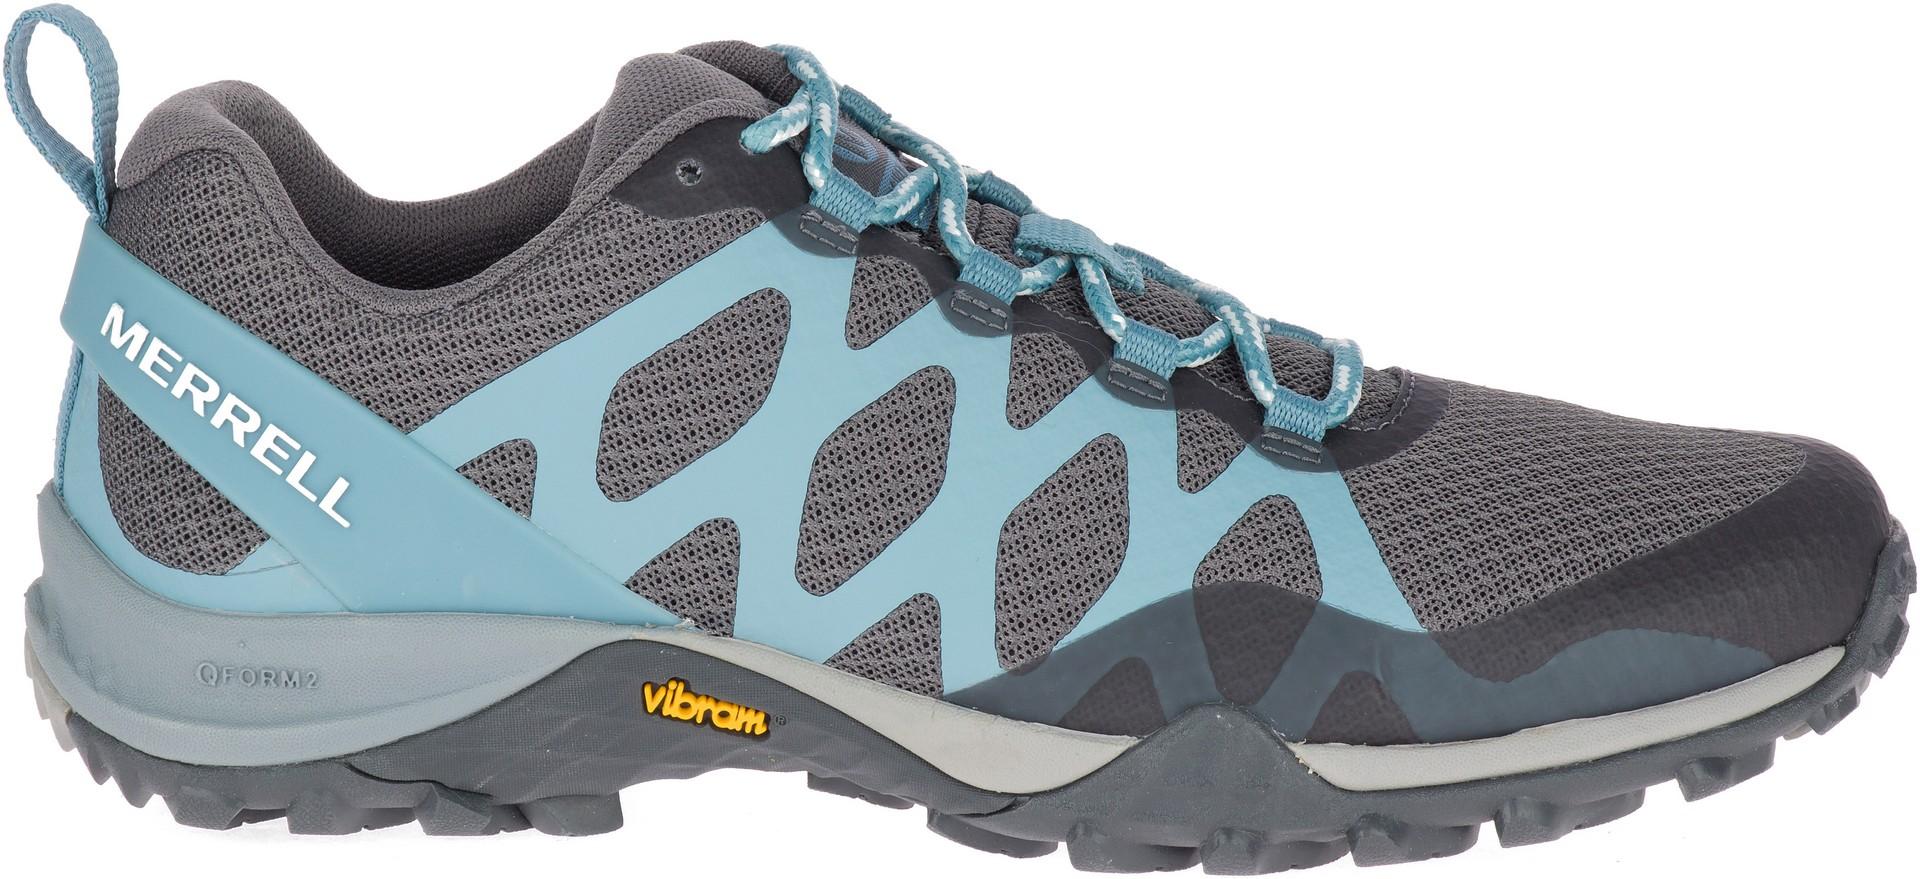 Merrell SIREN 3 VENT, pohodni čevlji, siva